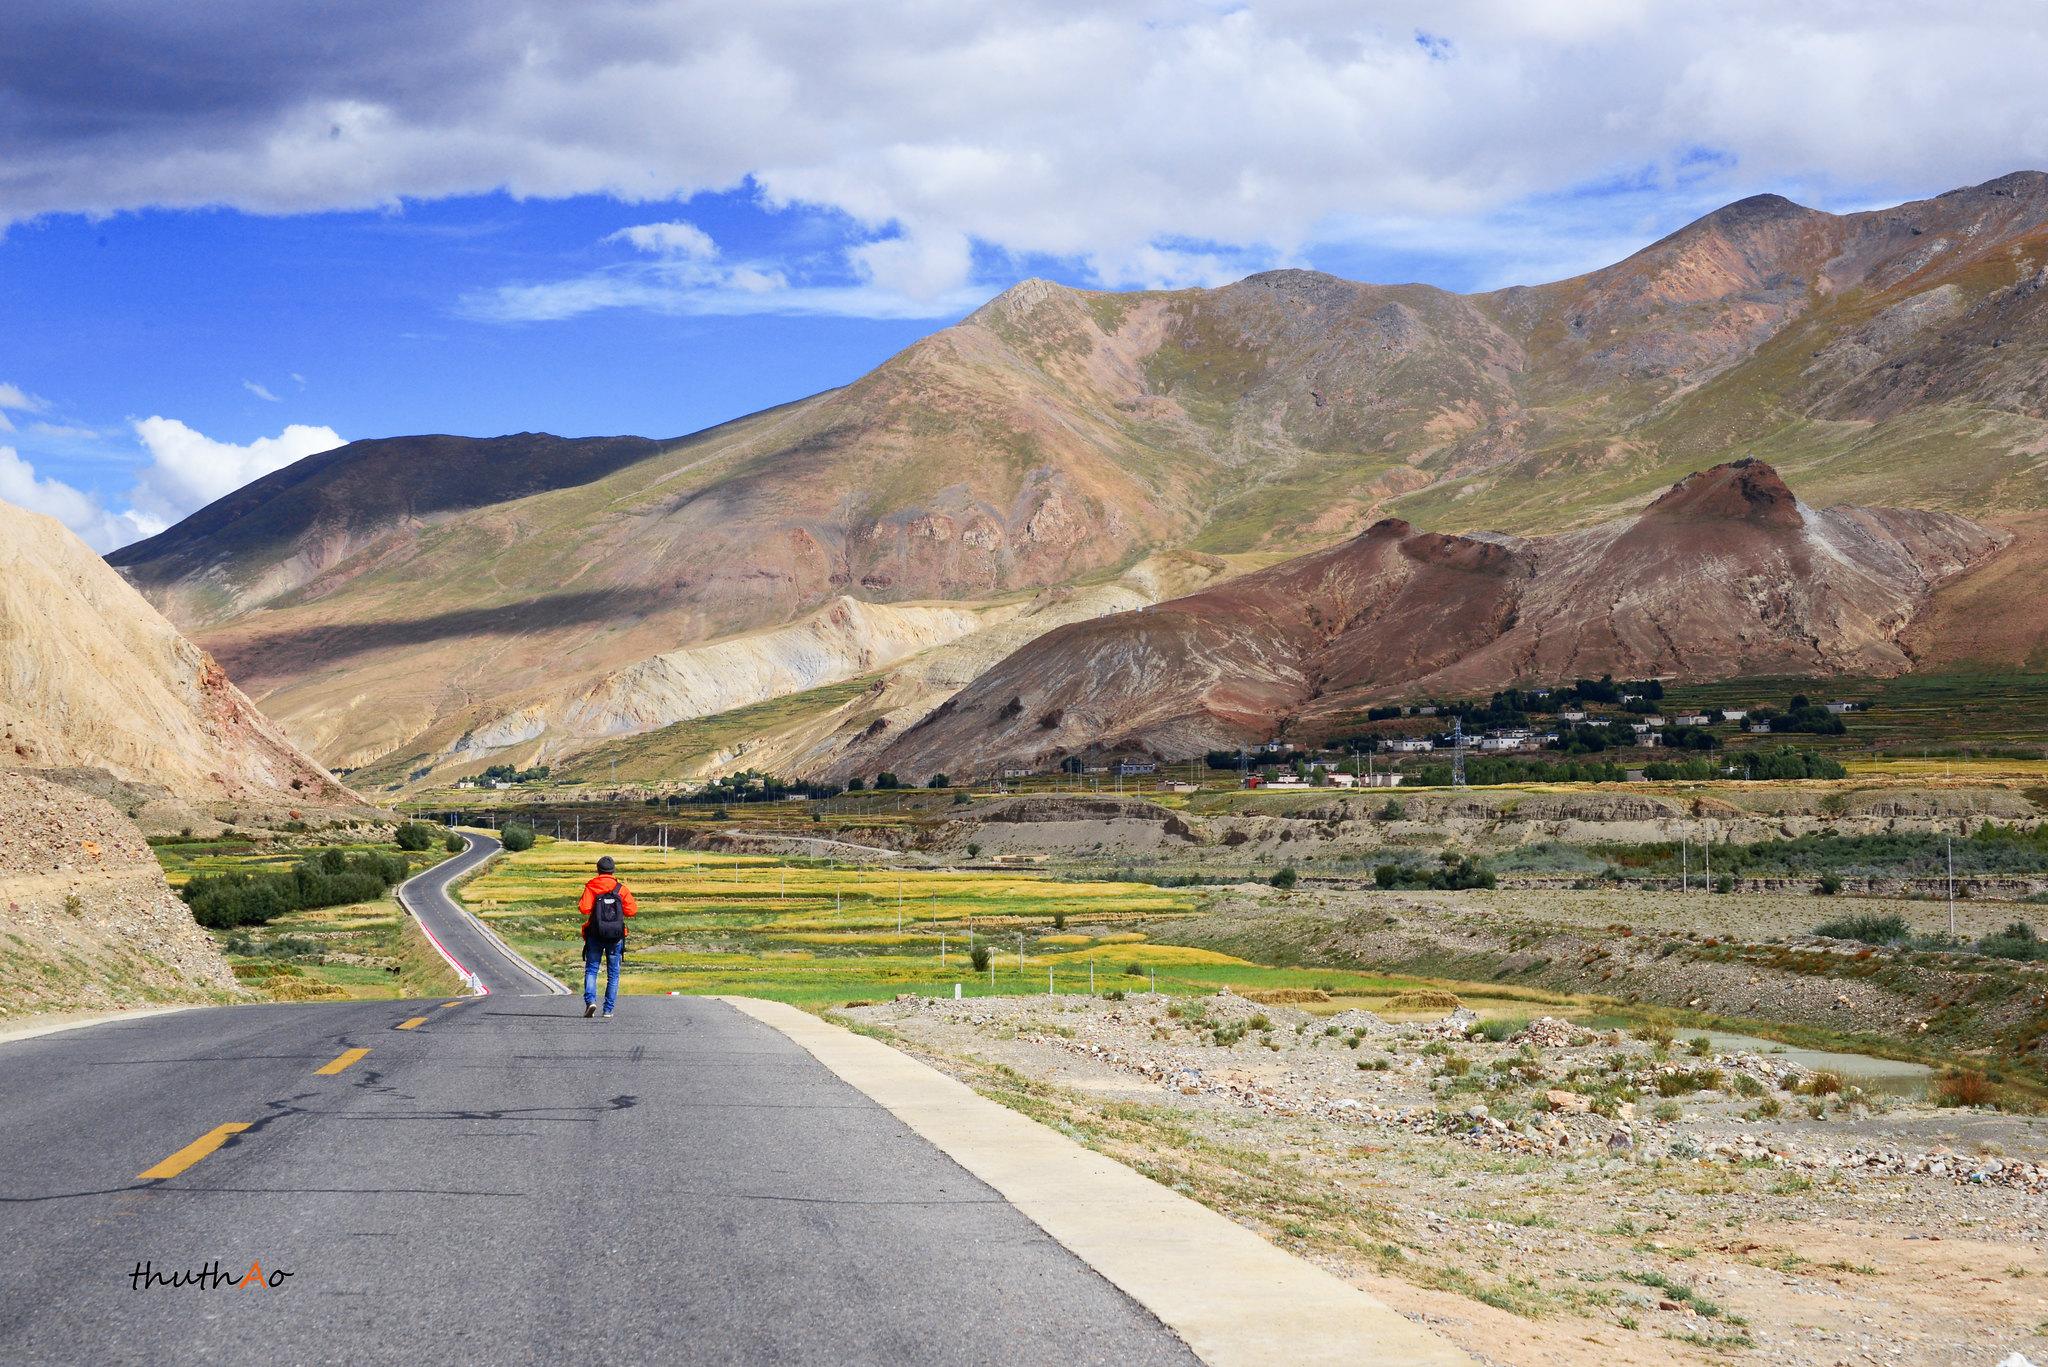 Vẻ đẹp hoang sơ huyền bí của Tây Tạng